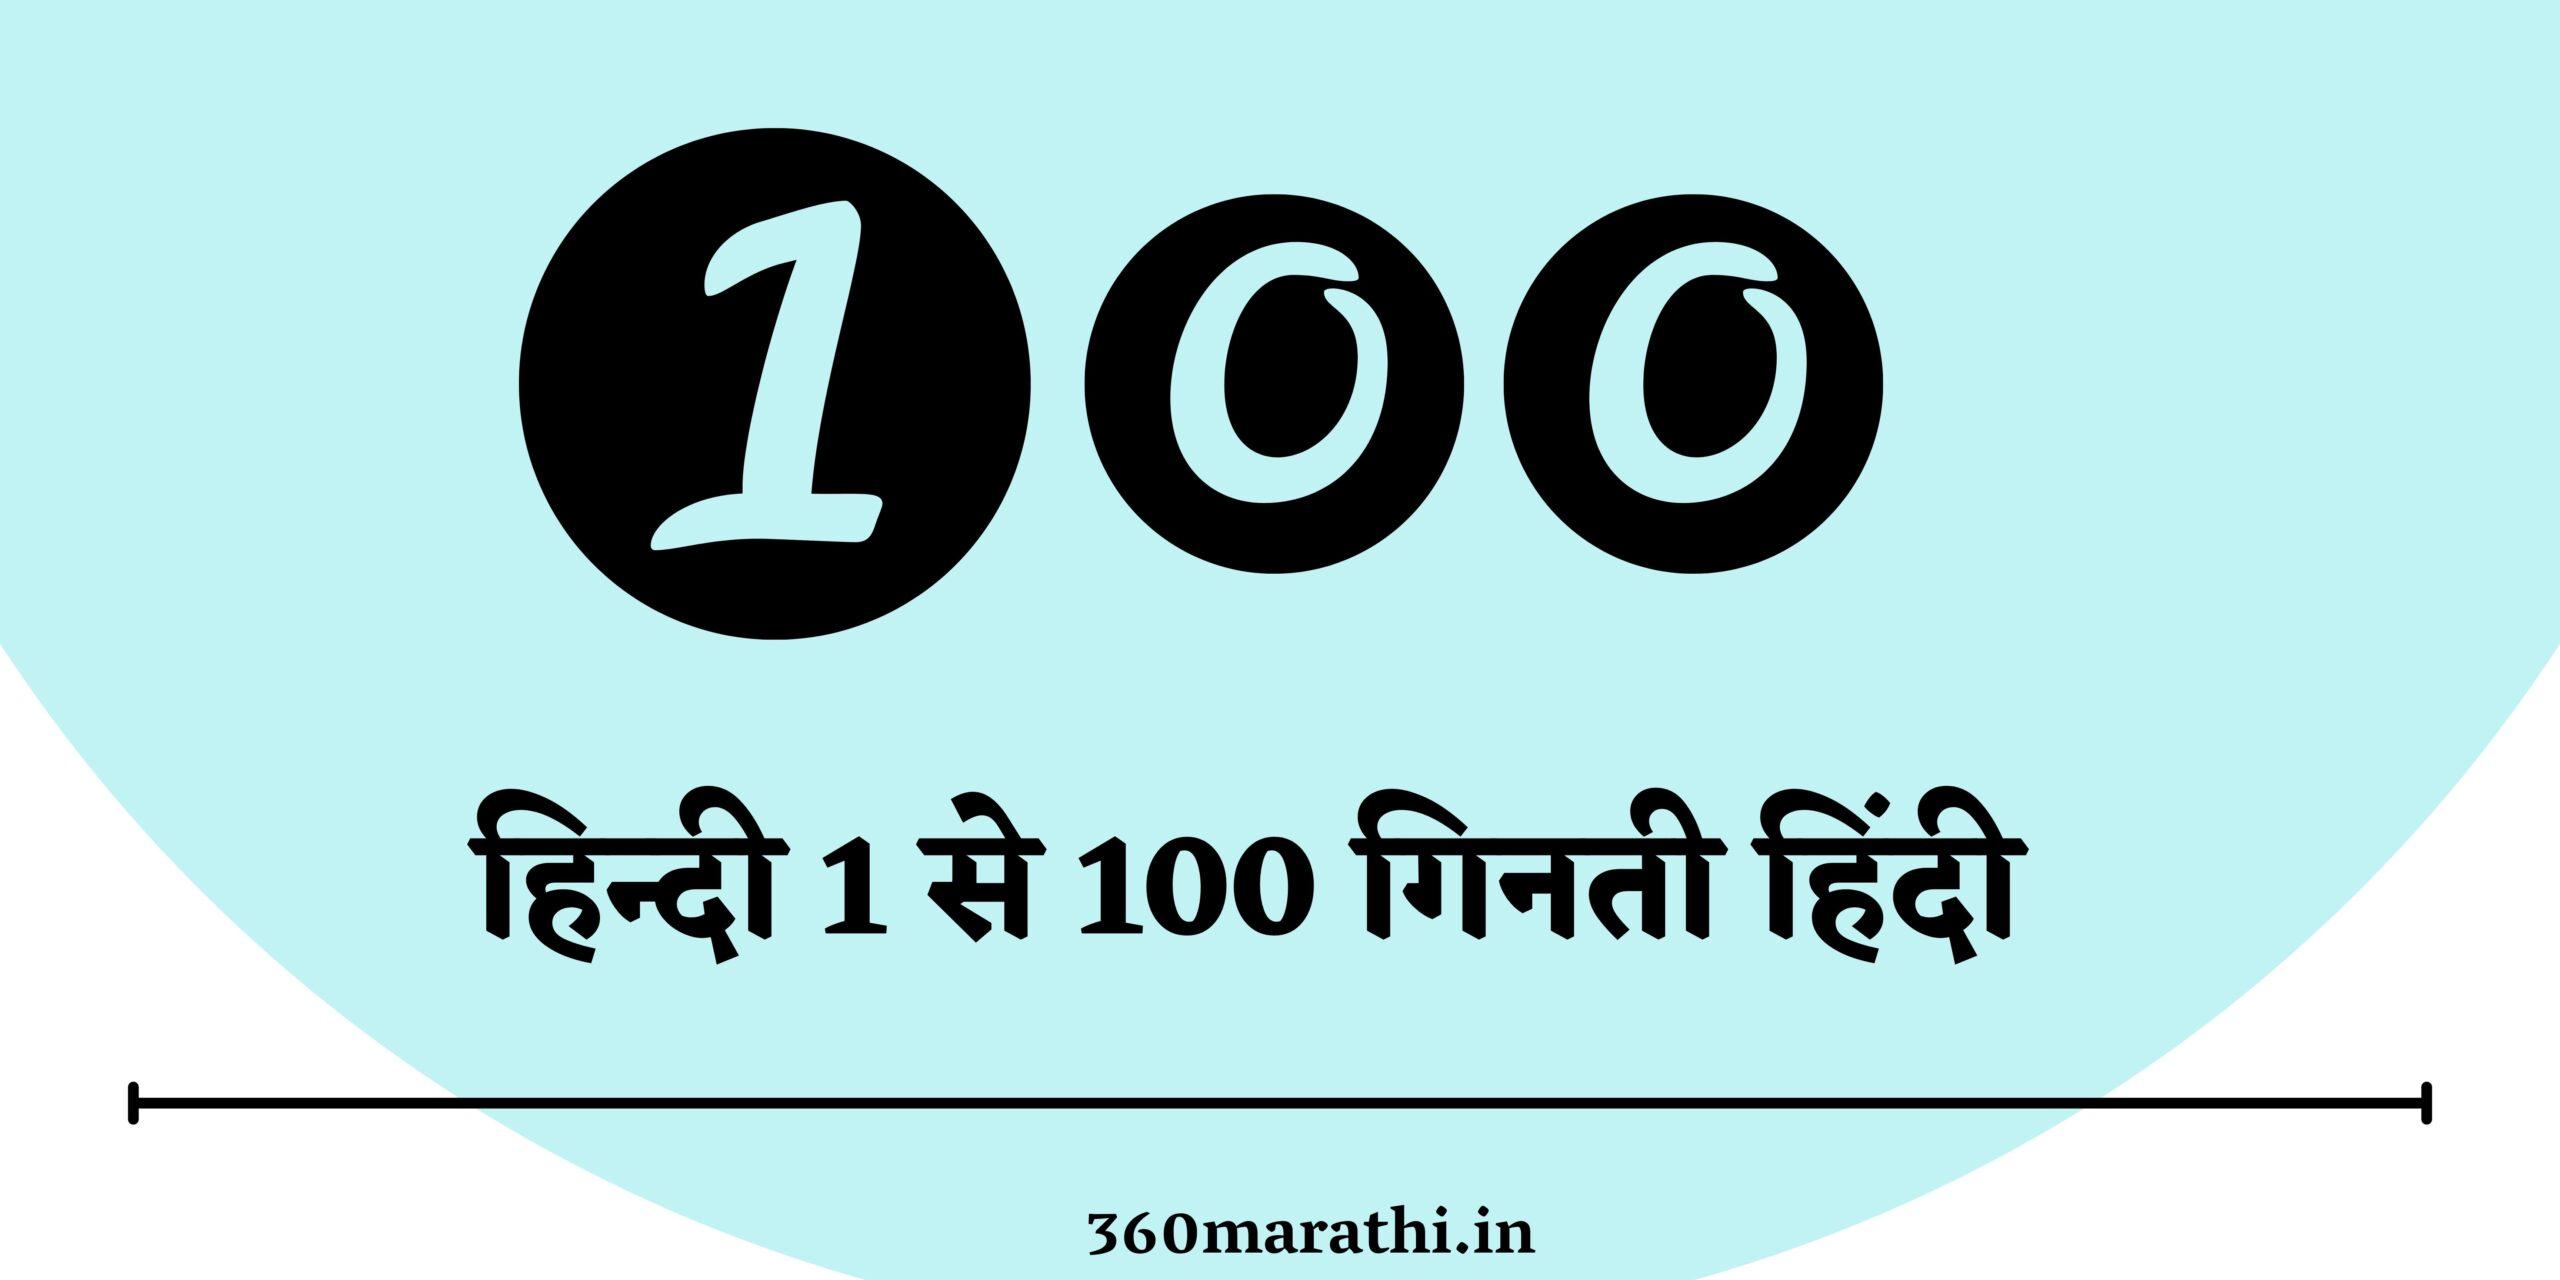 Hindi Ginti   हिन्दी 1 से 100 गिनती हिंदी   numbers in Hindi 1 to 100   हिंदी नम्बर